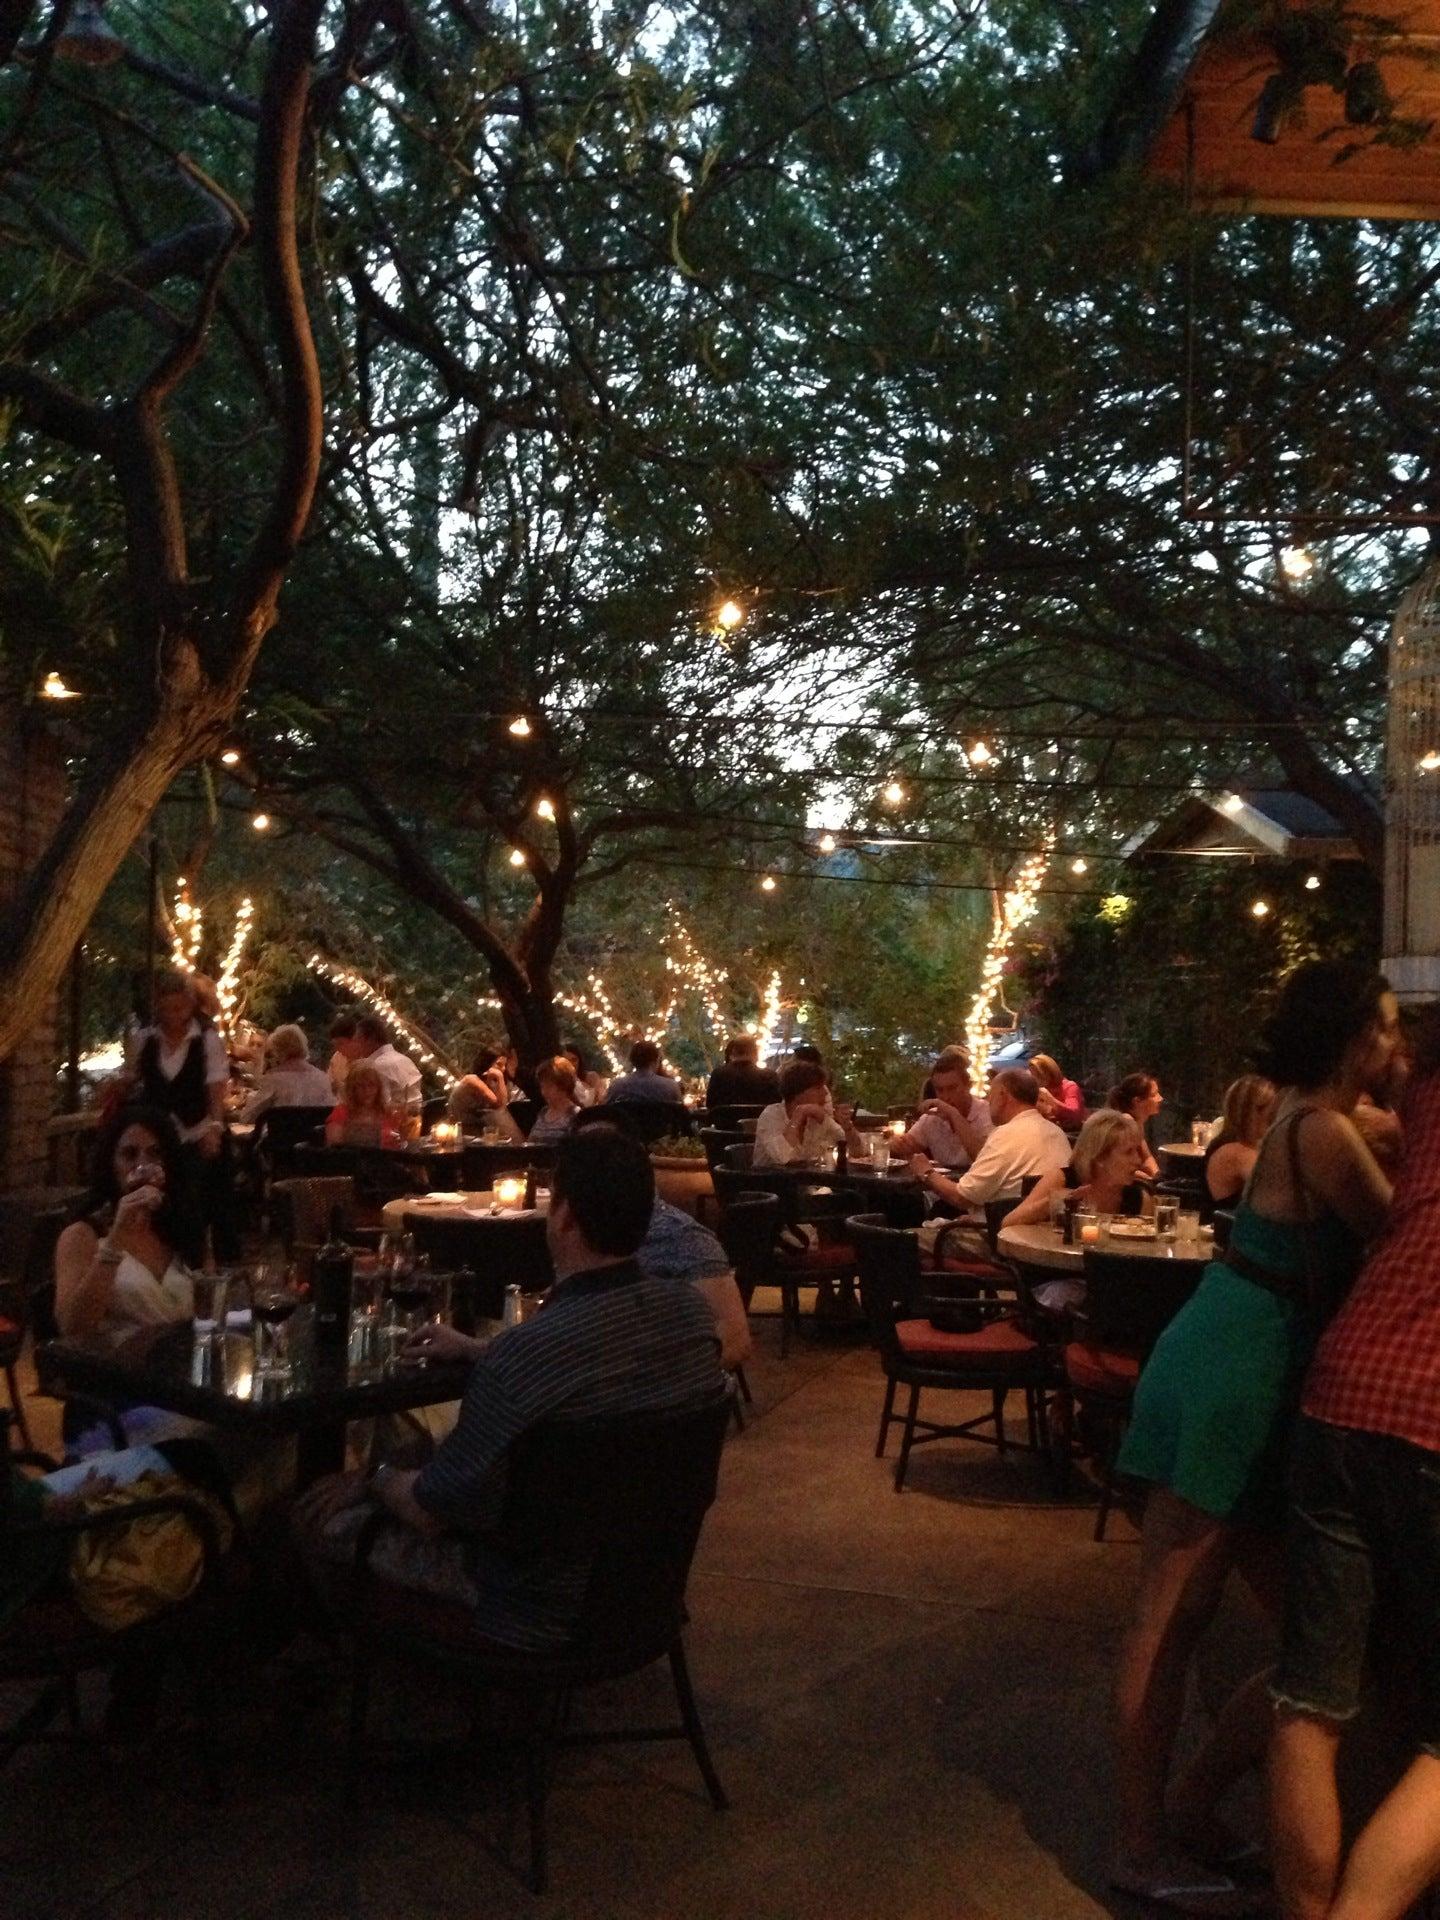 Chelsea\'s Kitchen at 5040 N 40th St (Camelback Rd) Phoenix, AZ